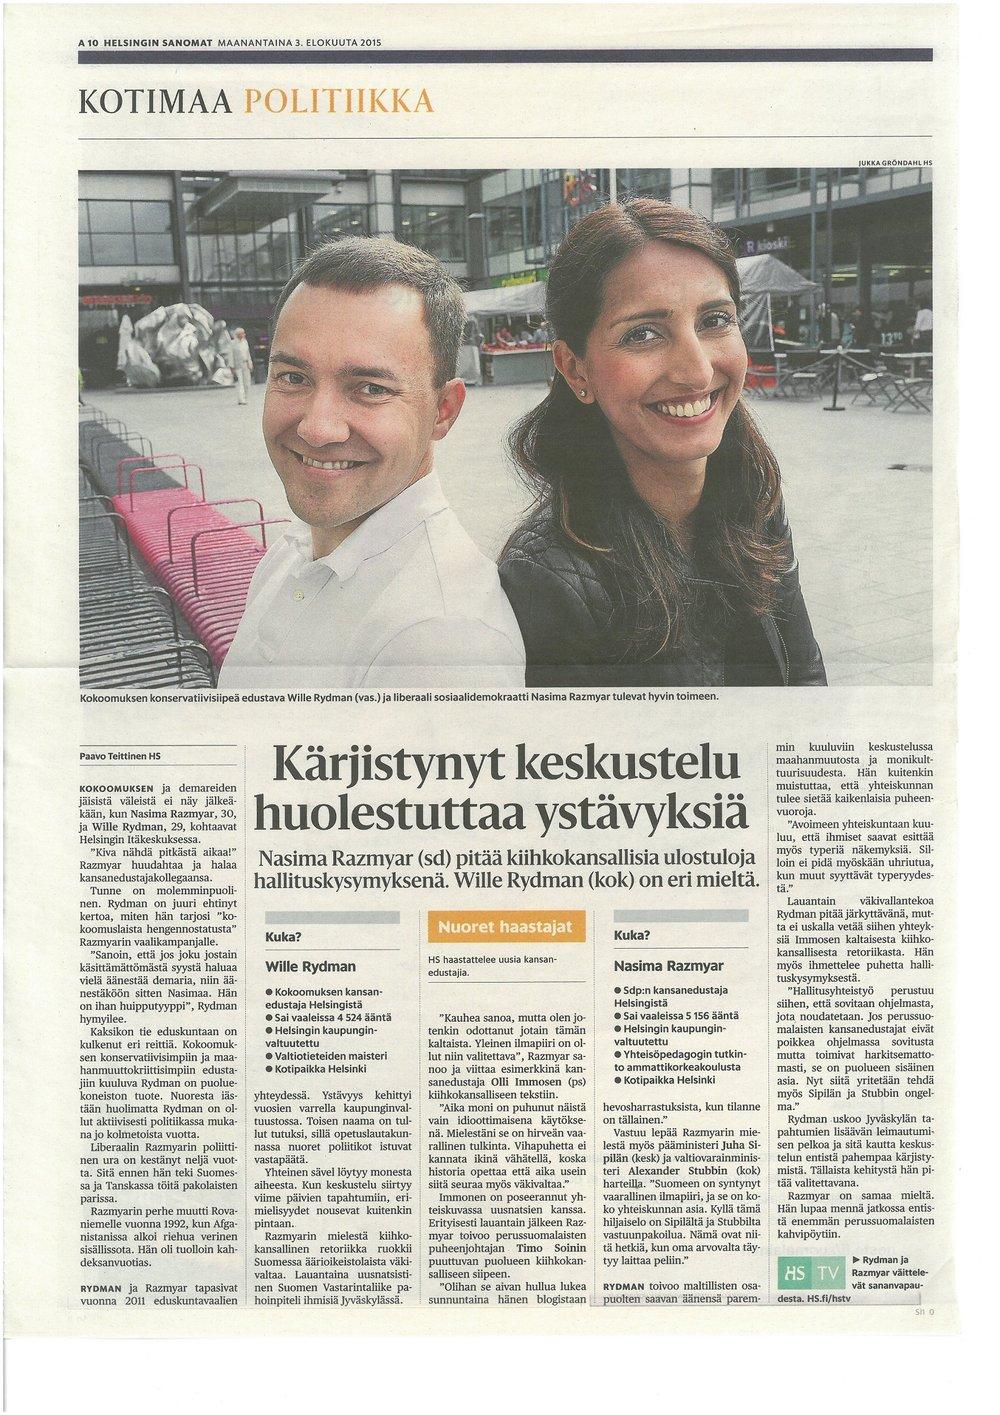 KÄRJISTYNYT KESKUSTELU HUOLESTUTTAA YSTÄVYKSIÄ - Helsingin Sanomat 03.08.2015